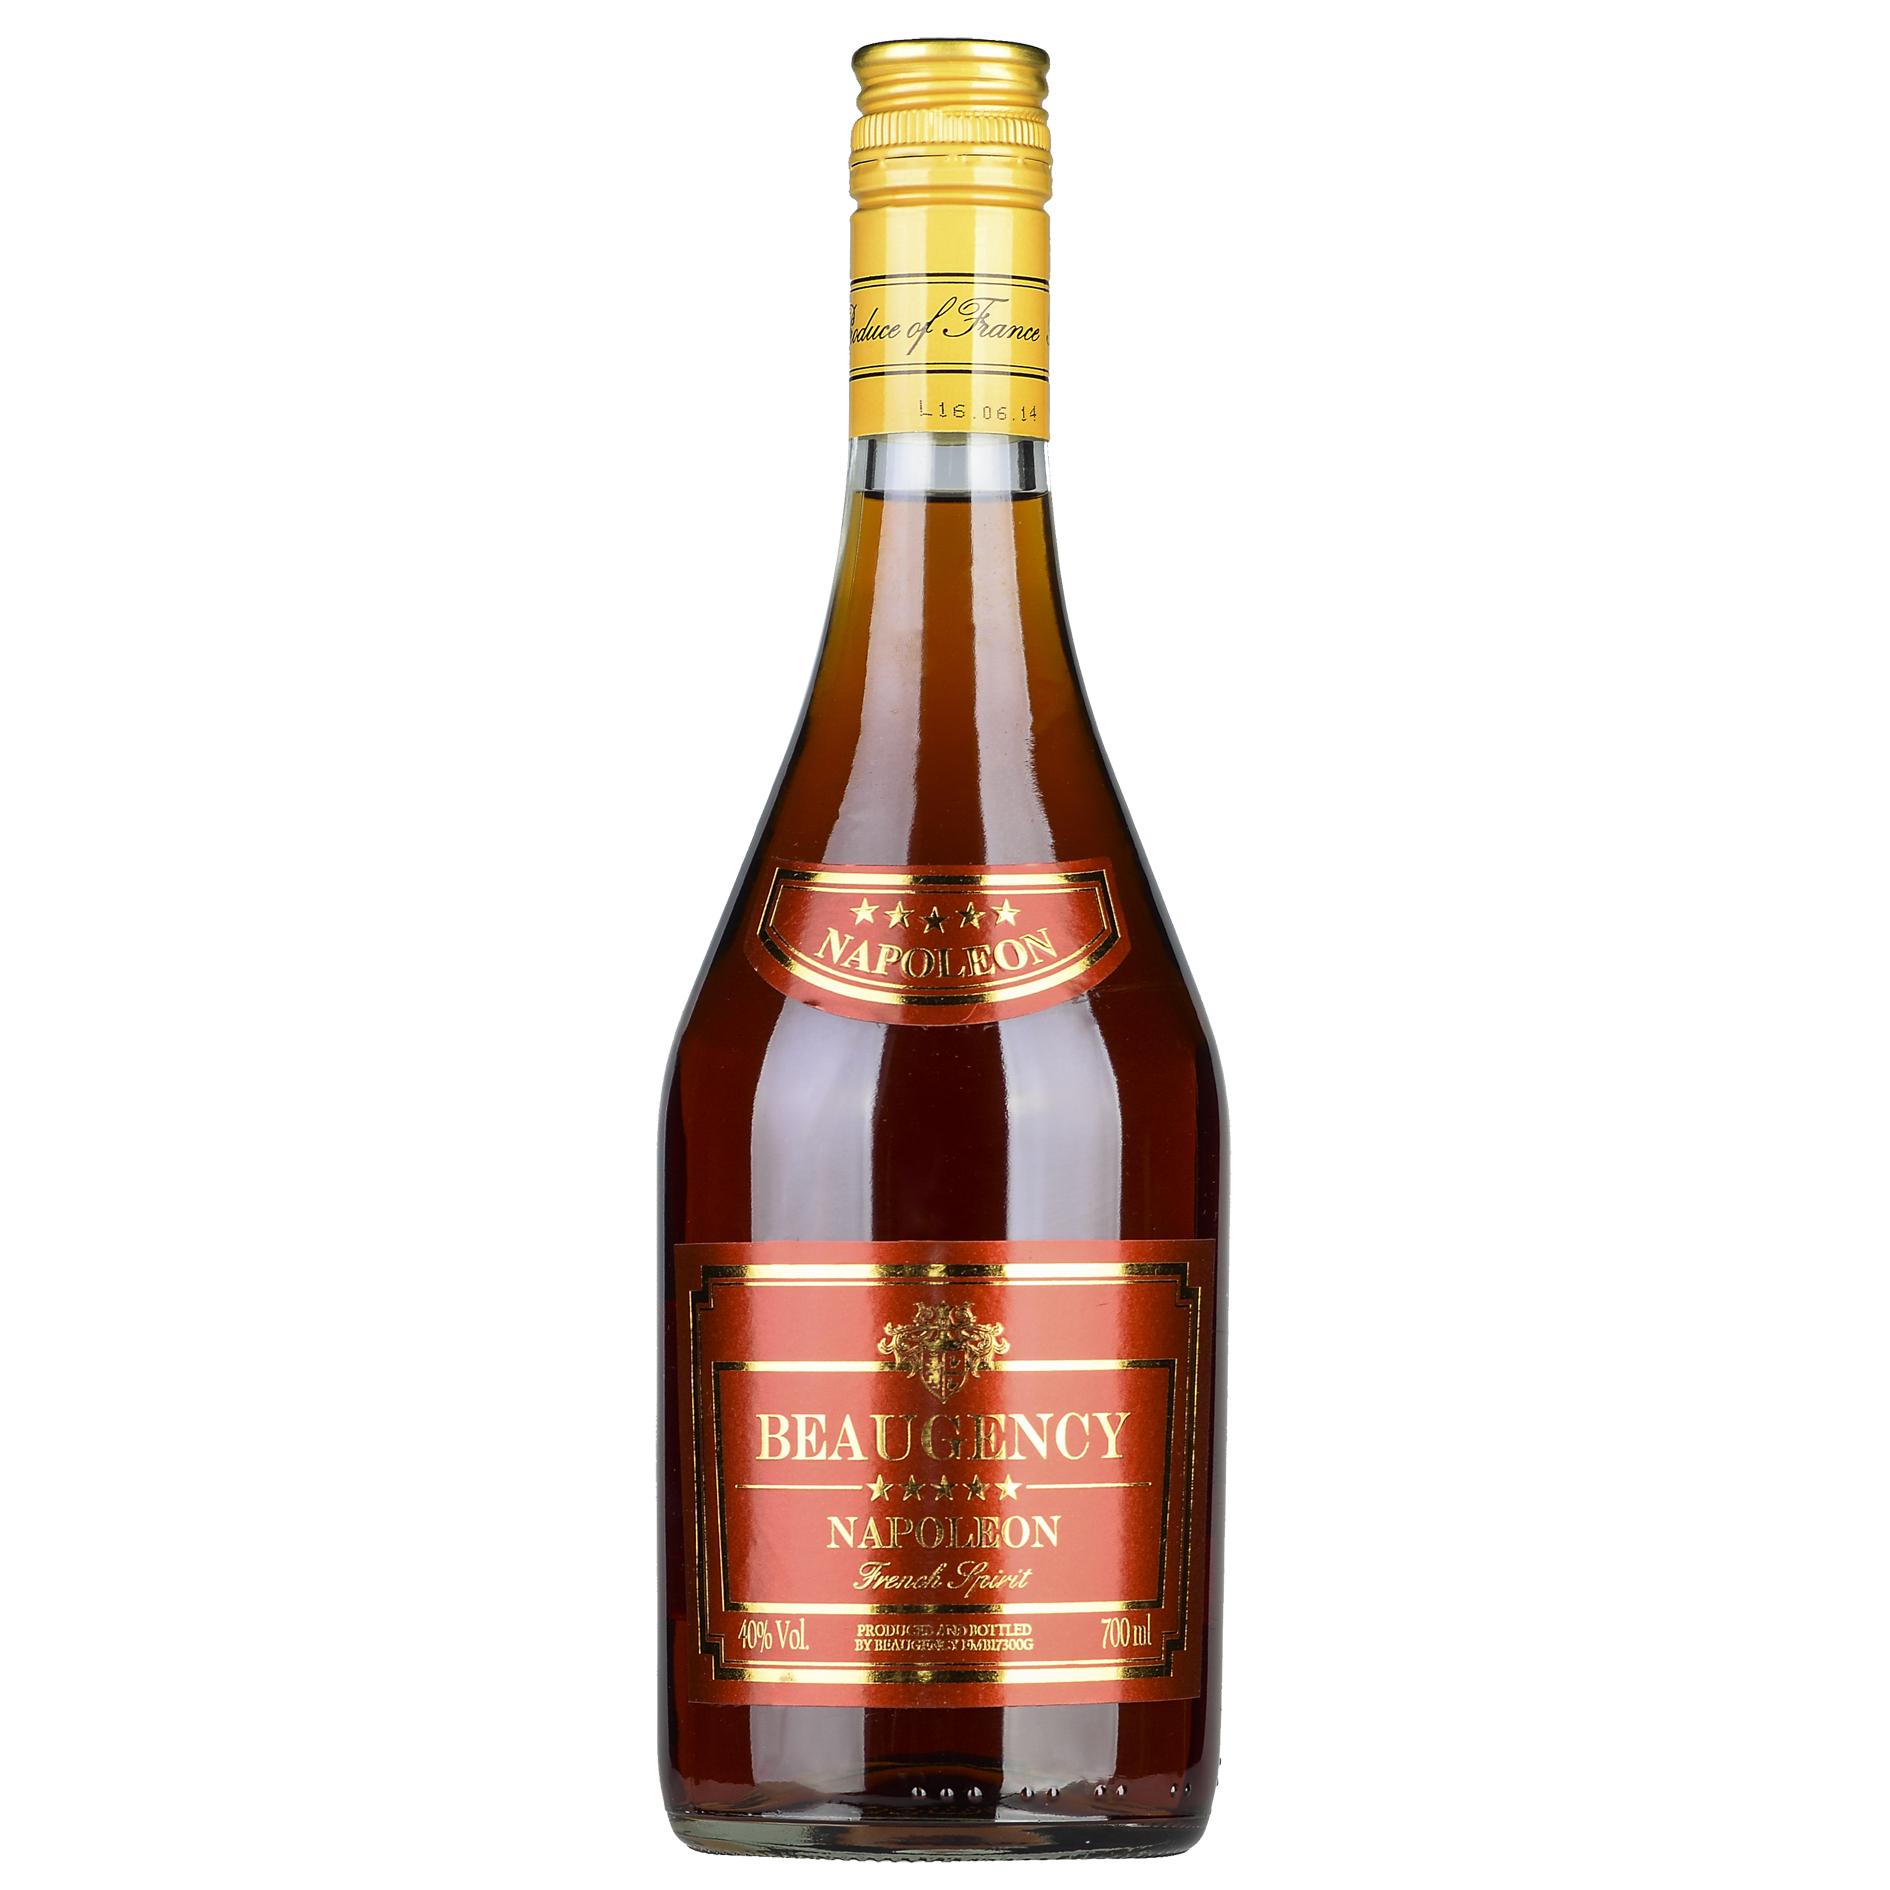 伯爵仕拿破仑甜菜酒(配制酒)